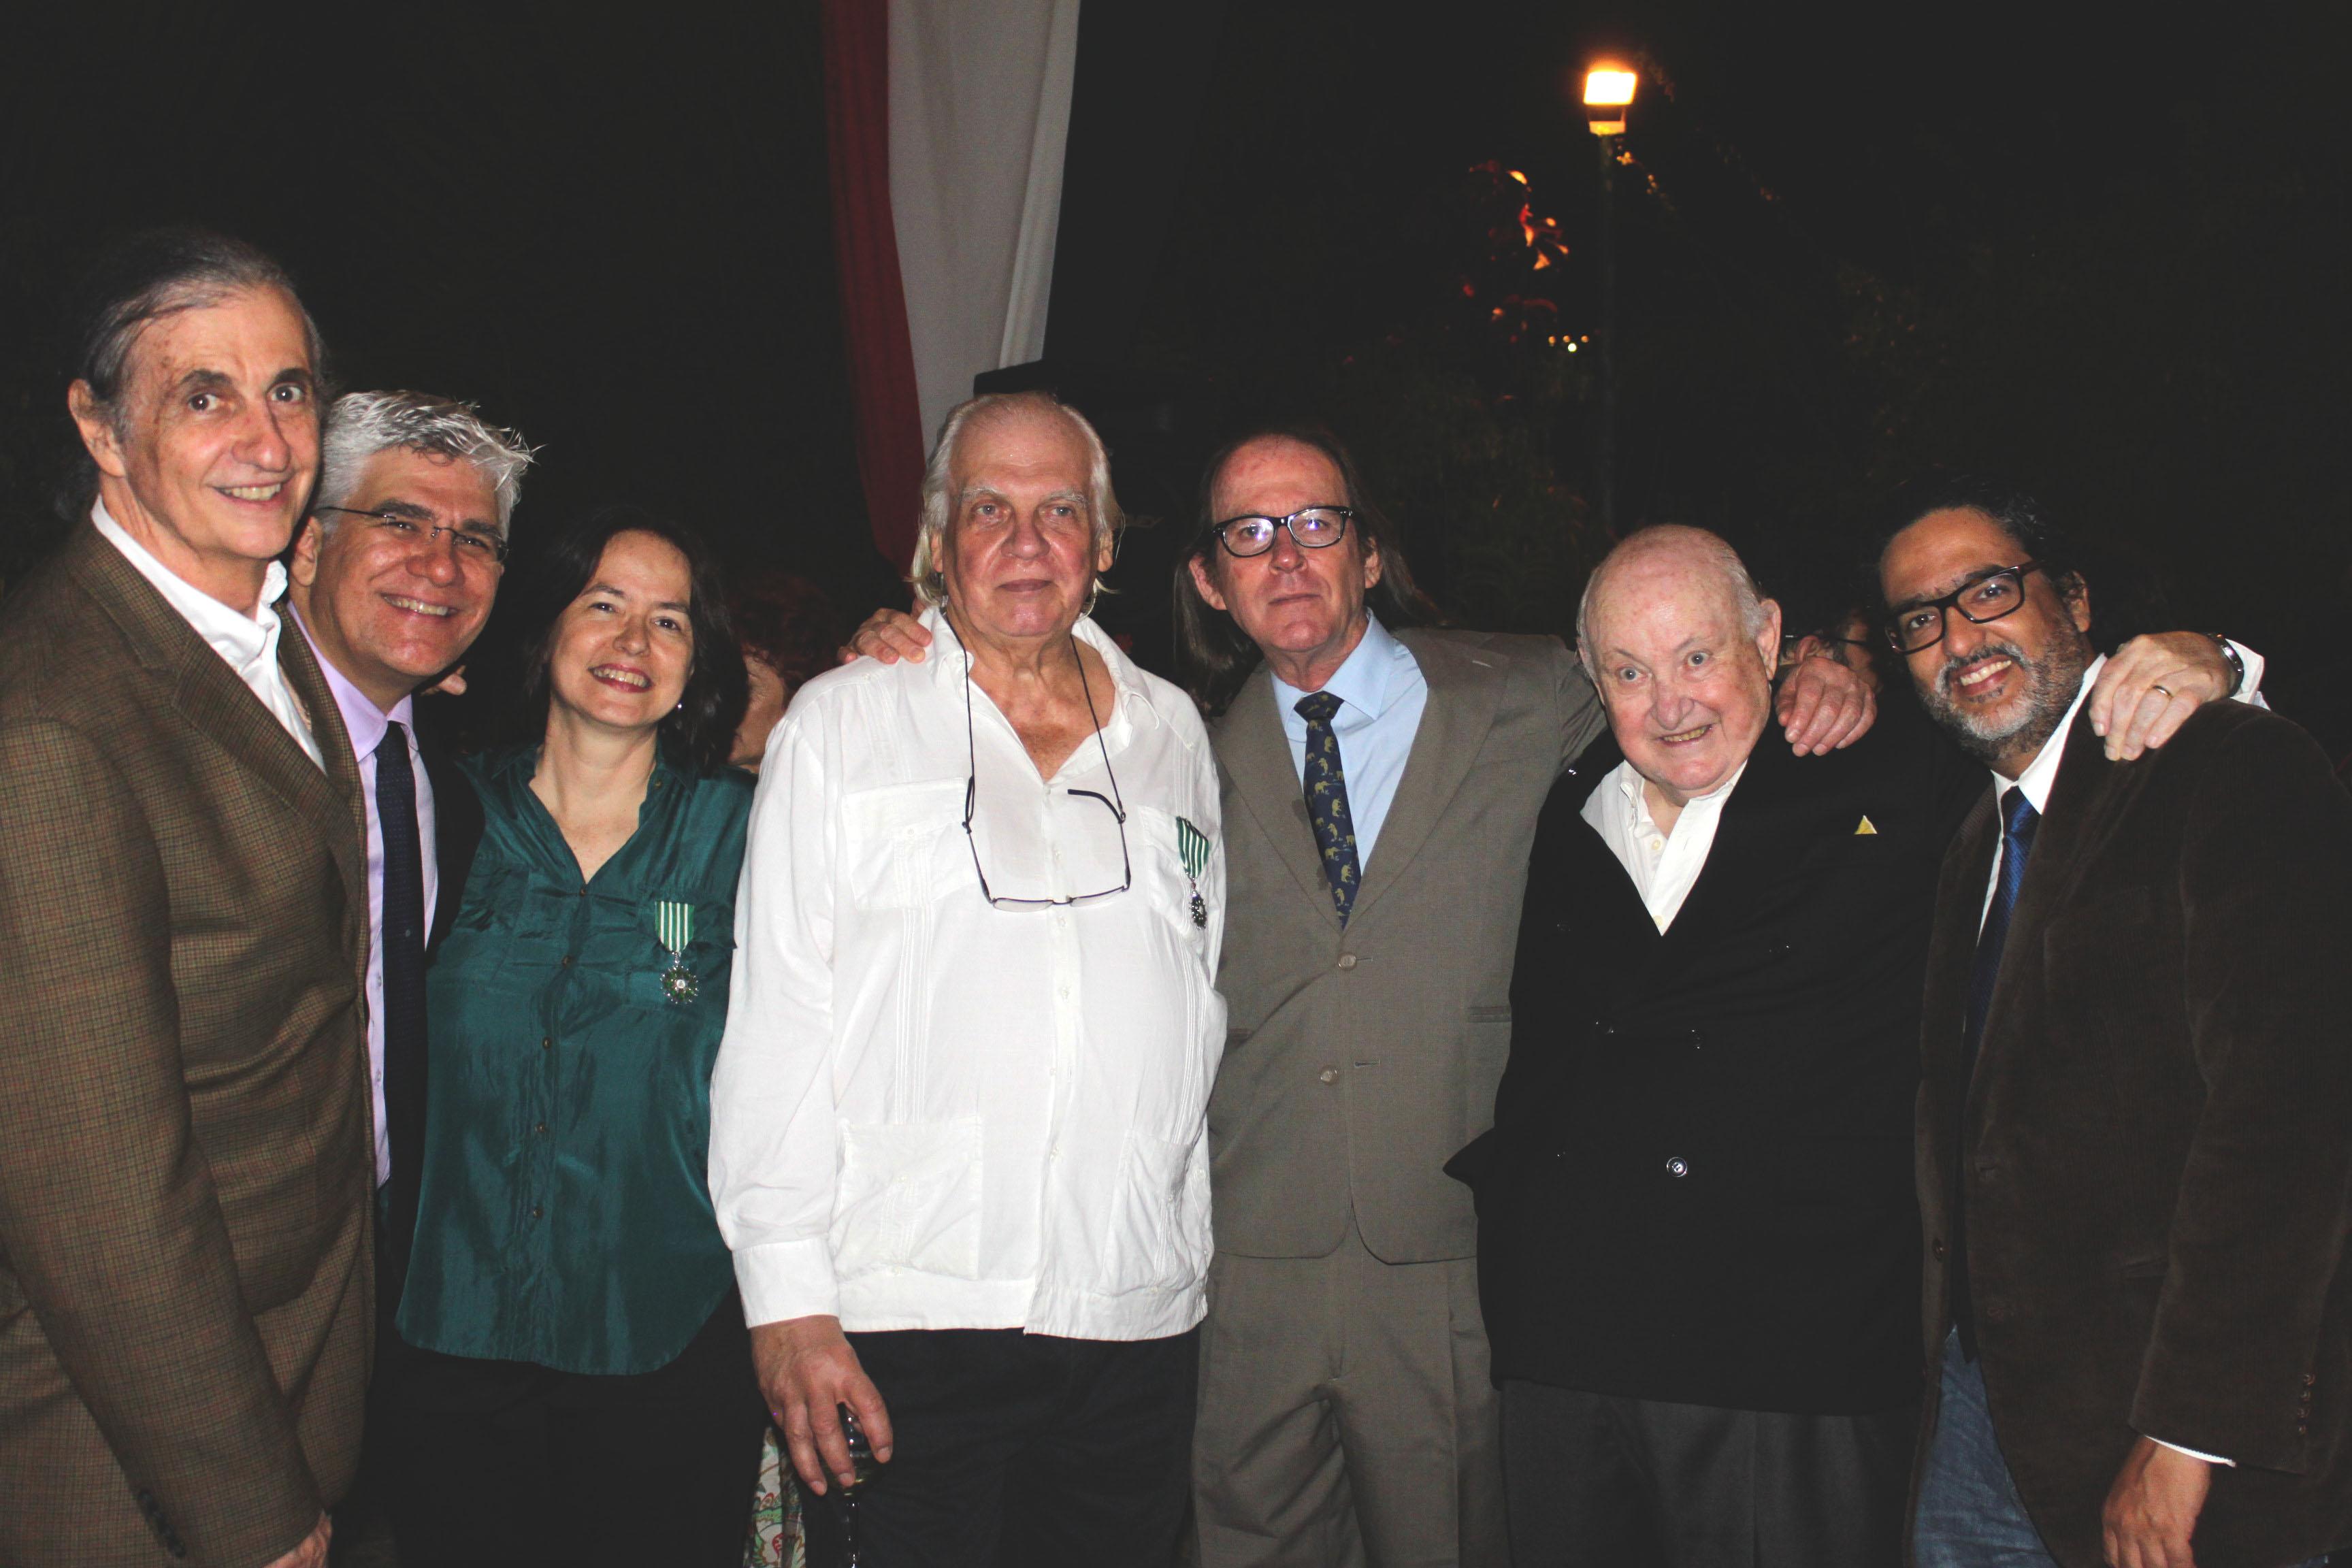 Los cineastas Carlos Oteyza y Fermín Branger con los Lichy.